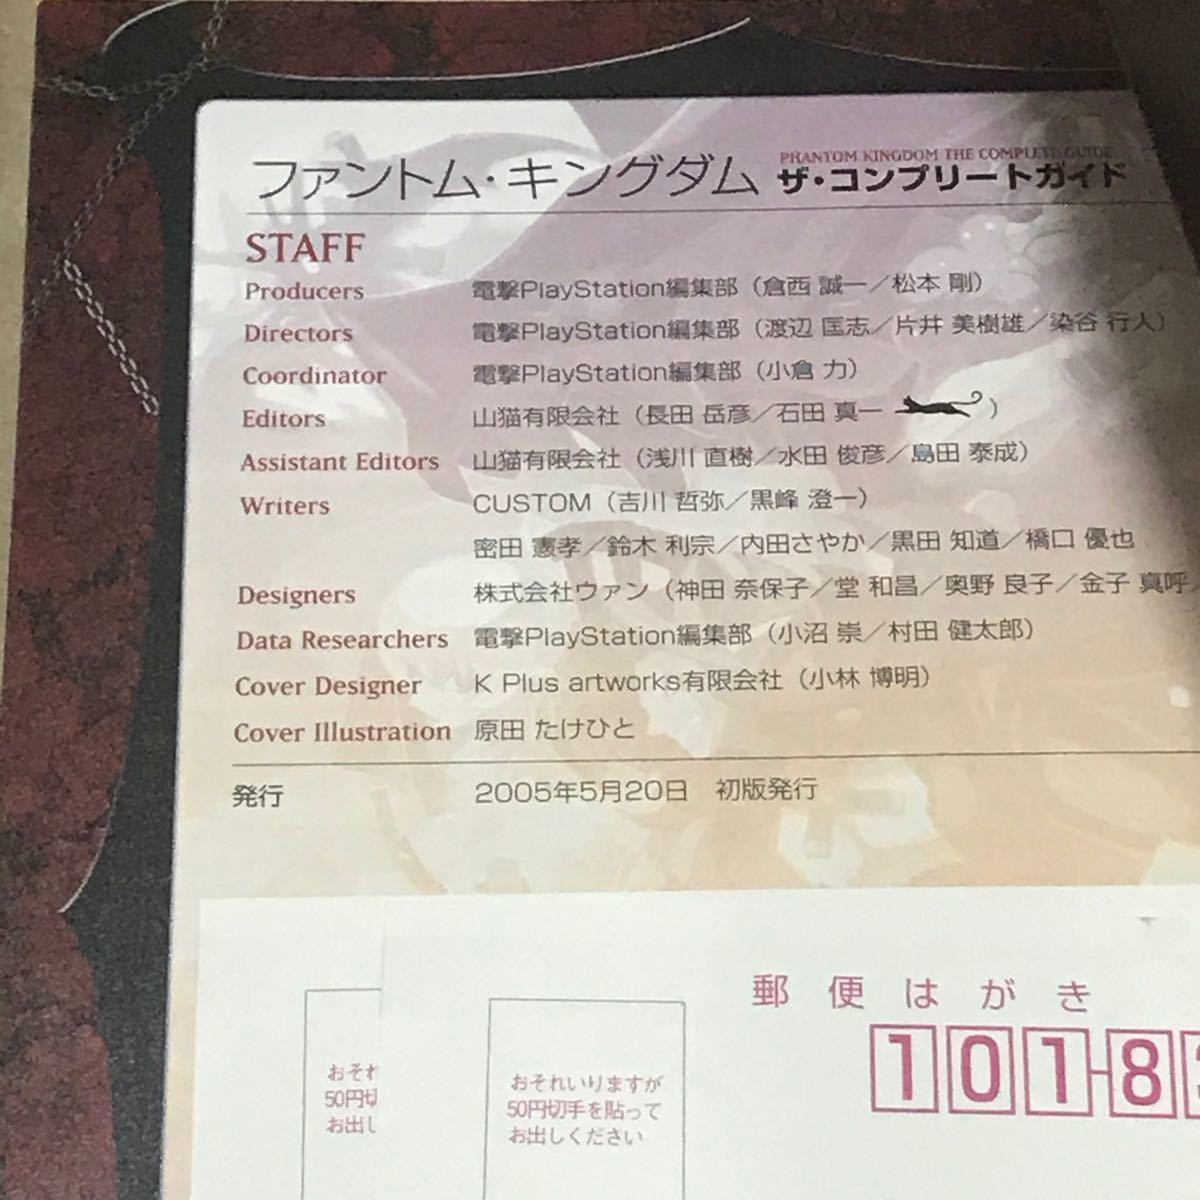 PS2攻略本 ファントムキングダム ザコンプリートガイド/電撃プレイステーション編集部 (編者) 日本一ソフトウェア